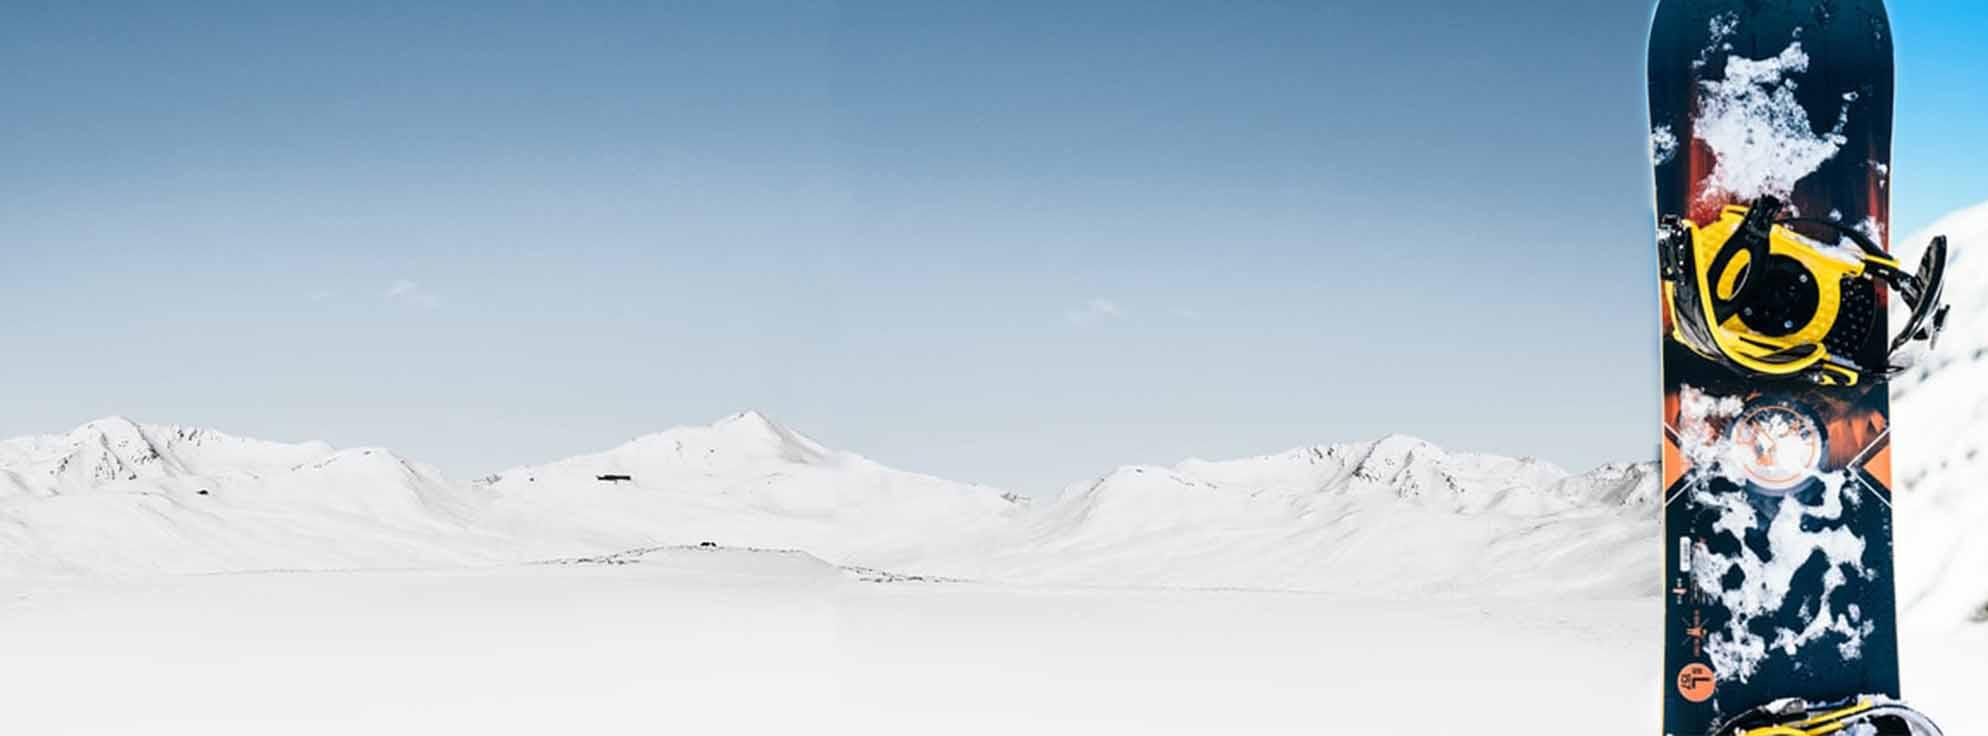 Τα Καλύτερα Χιονοδρομικά Κέντρα Στην Ελλάδα